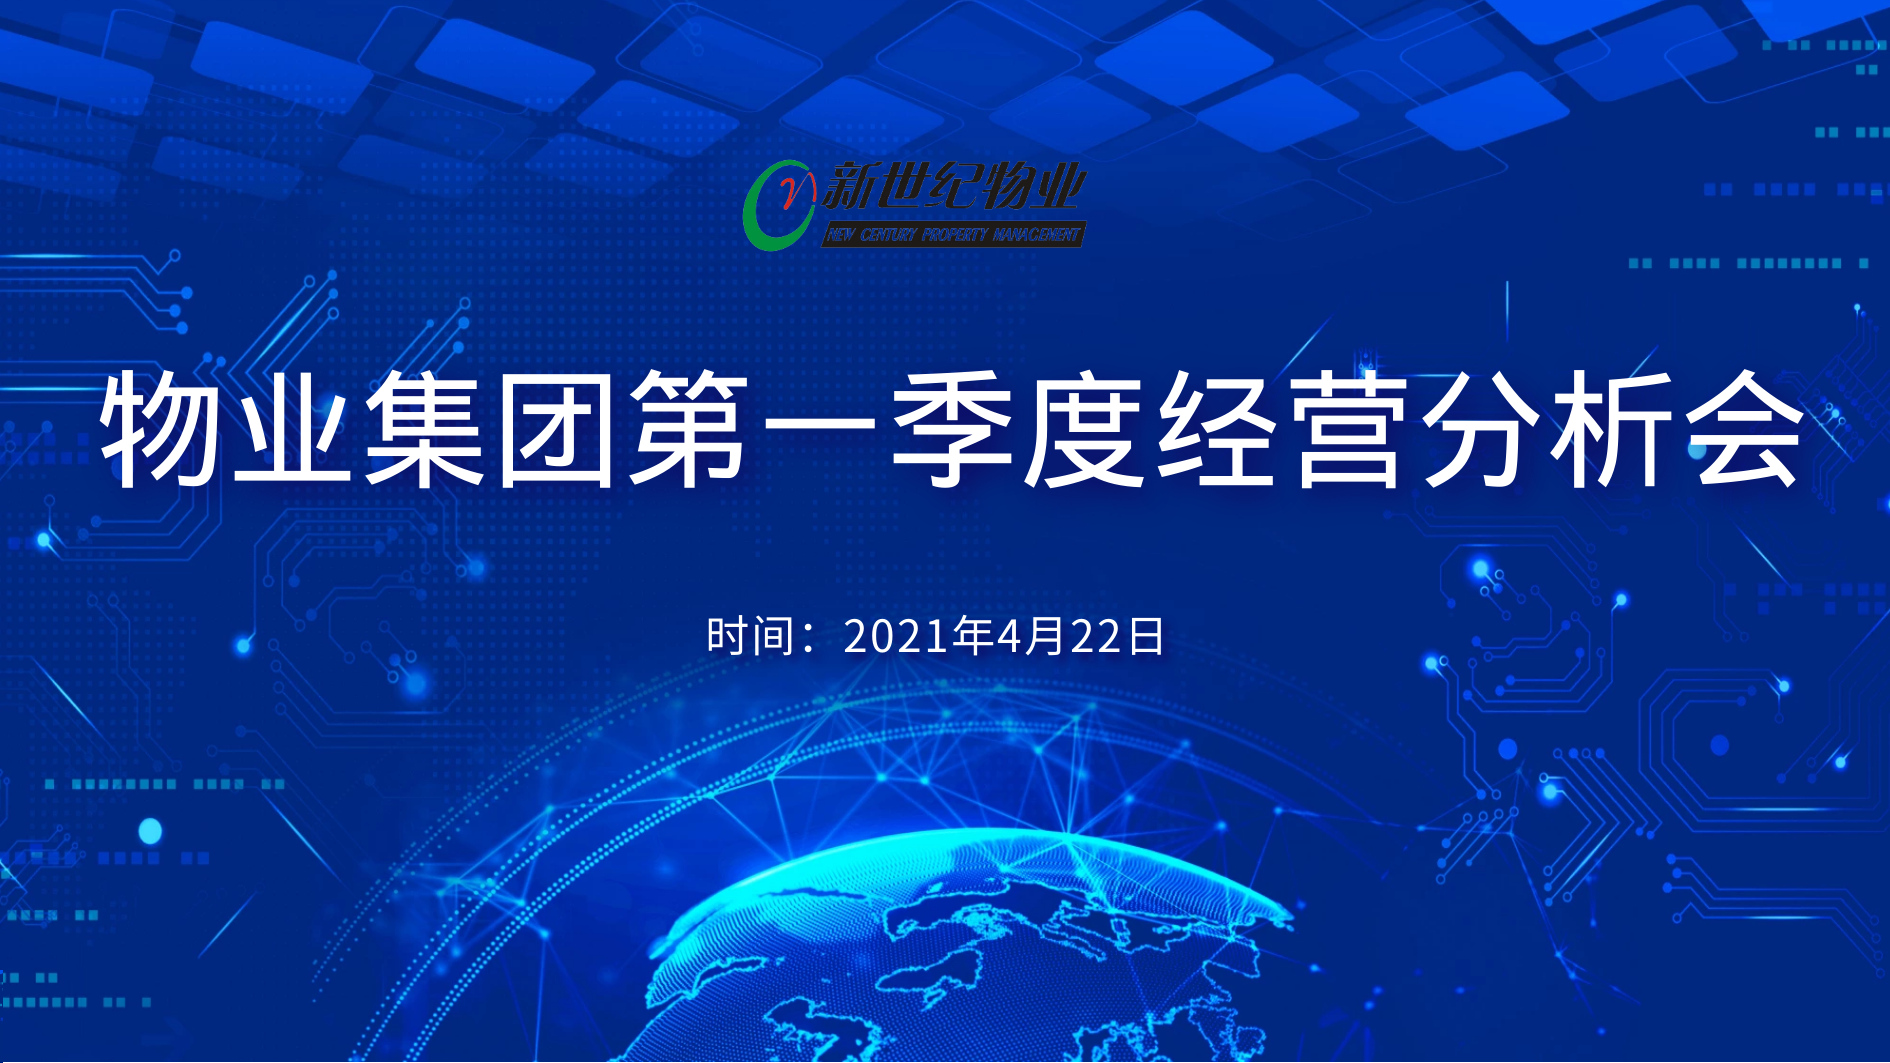 春风作序 | 新世纪物业2021第一季度会稳健开局